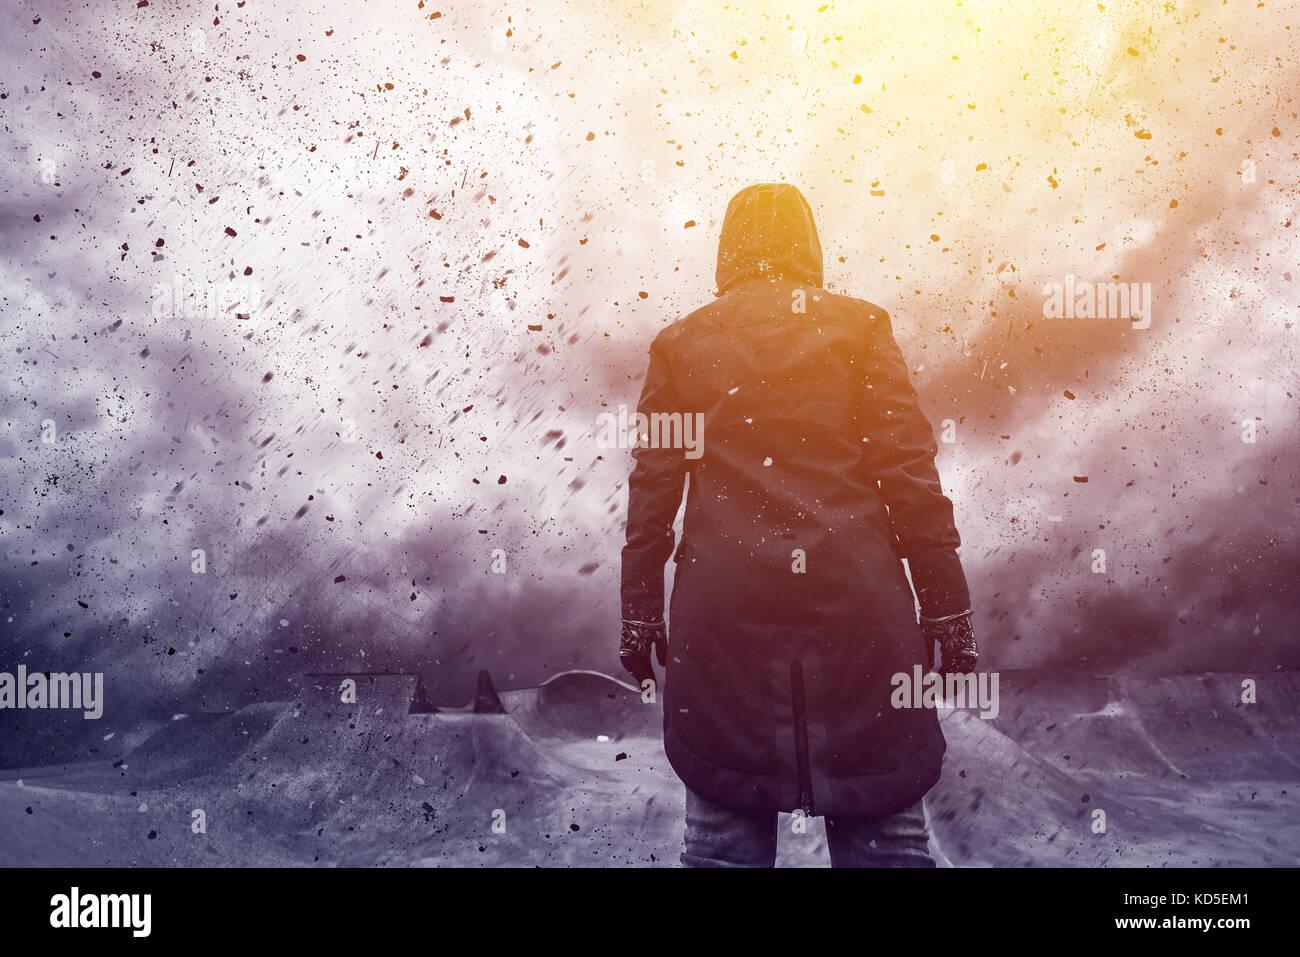 Immagine concettuale del giovane persona femmina rivolta verso il futuro incerto, mixed media contenuti con drammatica Immagini Stock